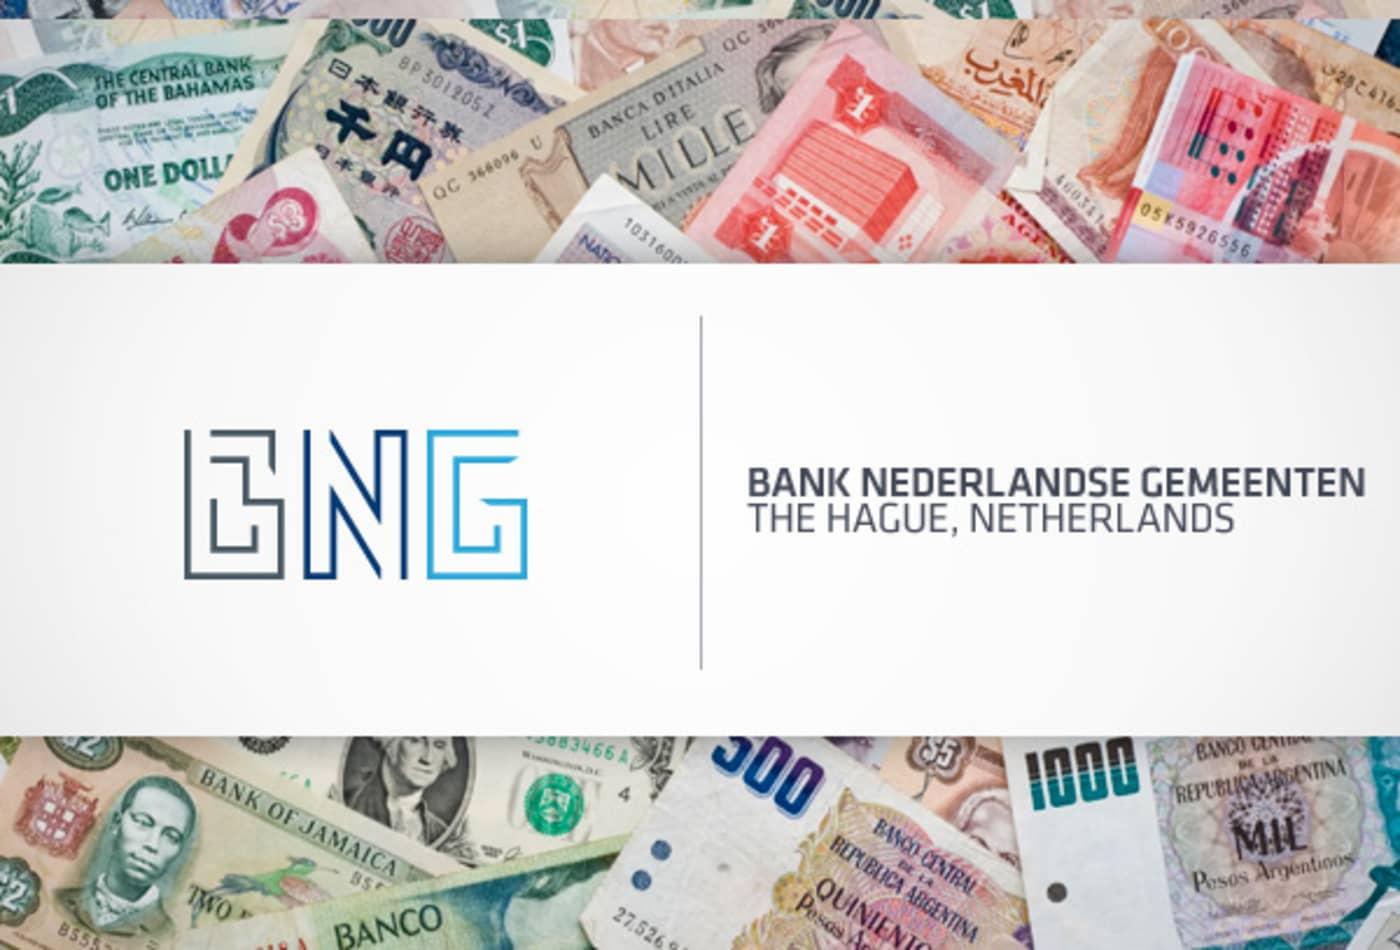 48680597 SS-Safest-Banks-bank-nederlandse-netherlands-12.jpg